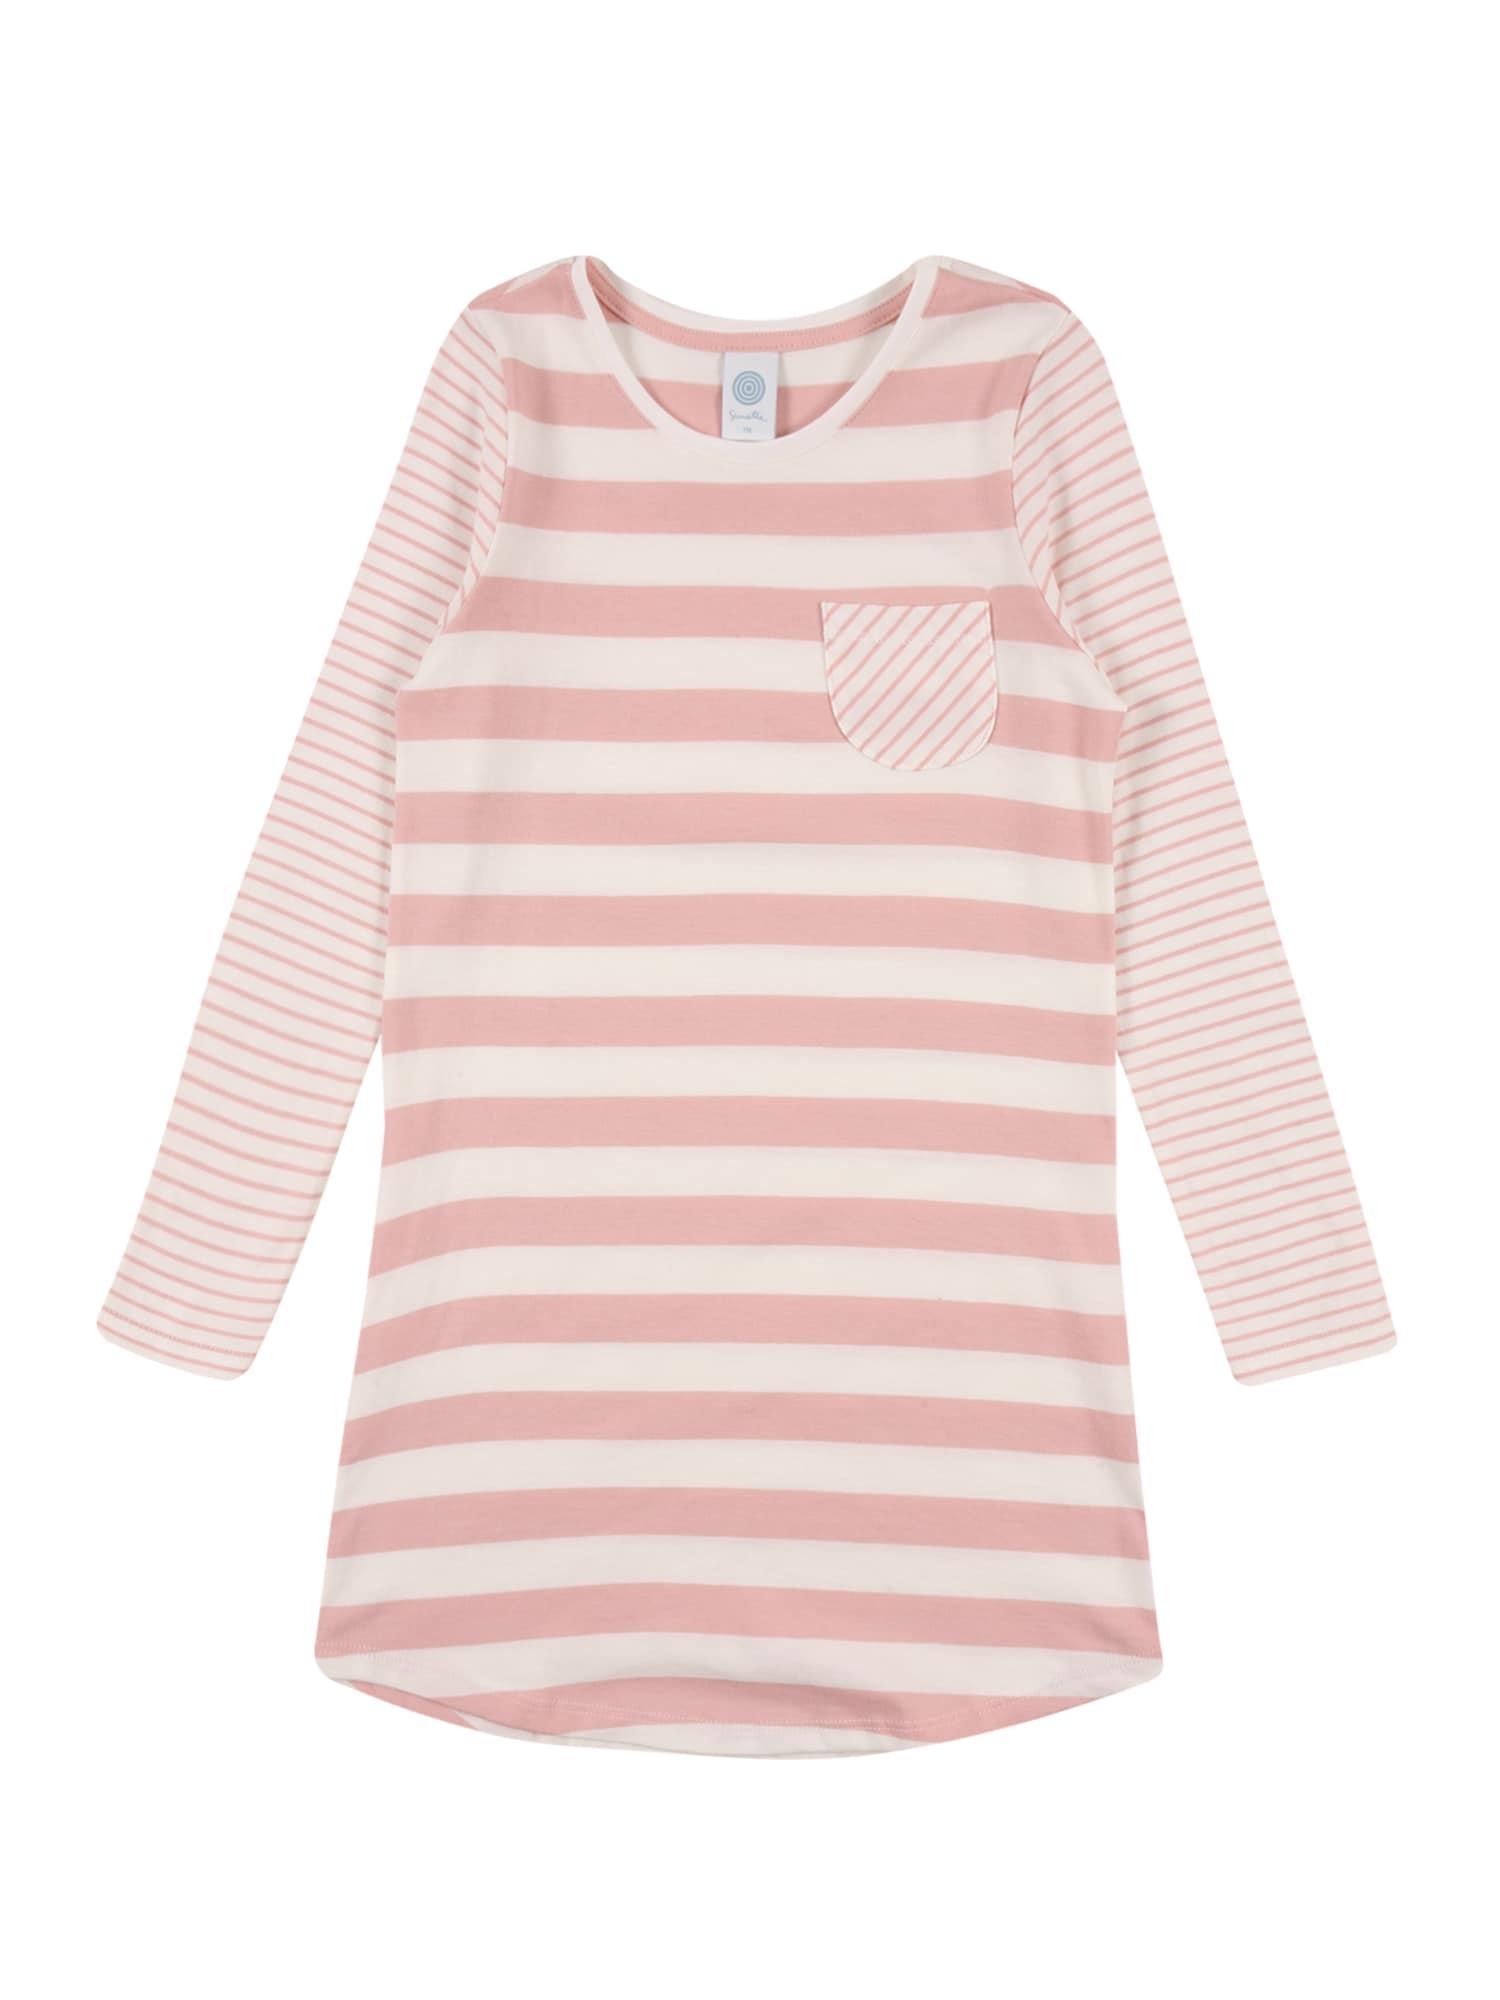 SANETTA Naktinukai ryškiai rožinė spalva / balta